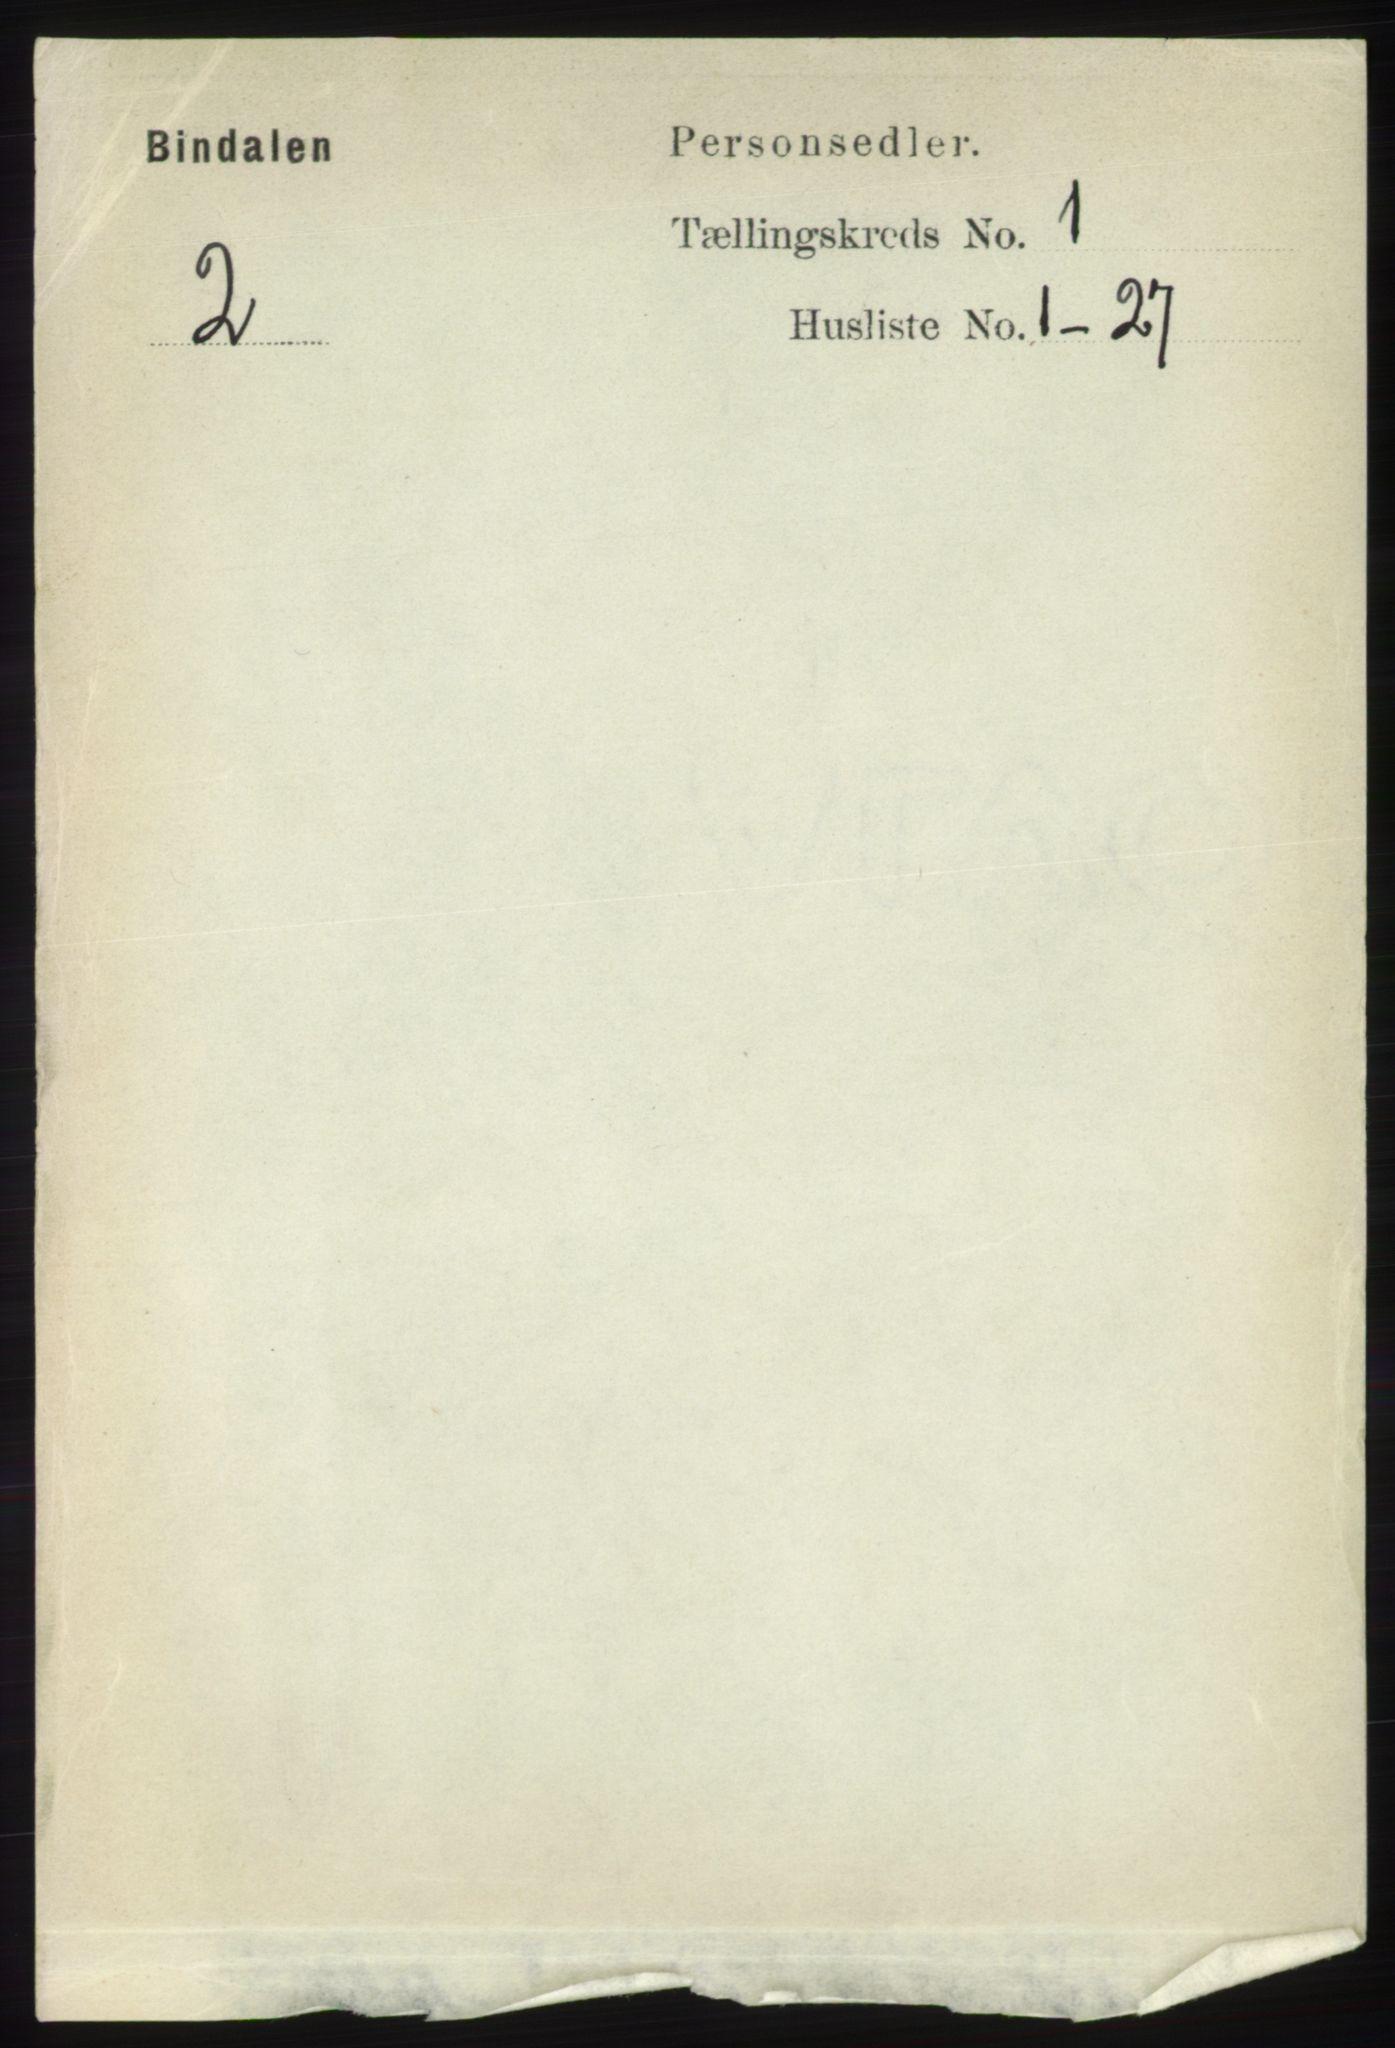 RA, Folketelling 1891 for 1811 Bindal herred, 1891, s. 54